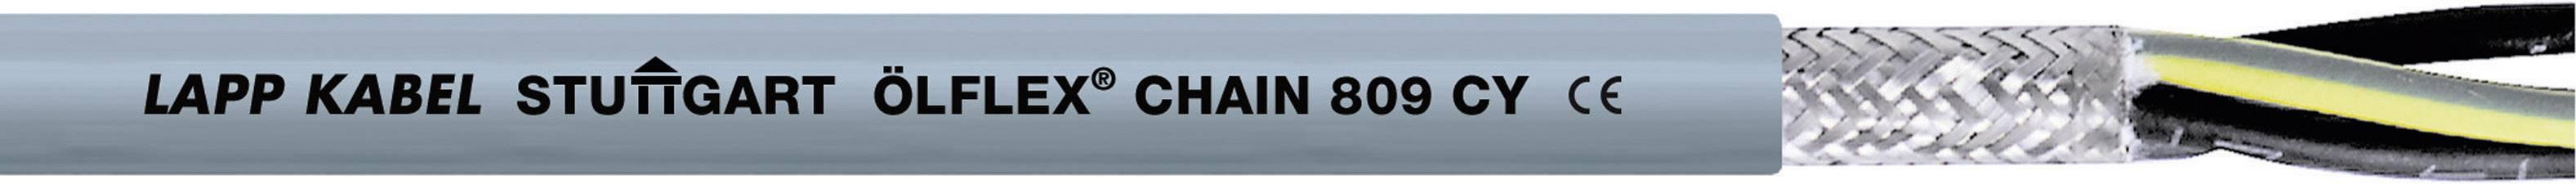 Žíla kabelu LappKabel ÖLFLEX CHAIN 809 CY 5G1,0 (1026770), 5x 1 mm², PVC, Ø 8,3 mm, stíněný, 100 m, šedá